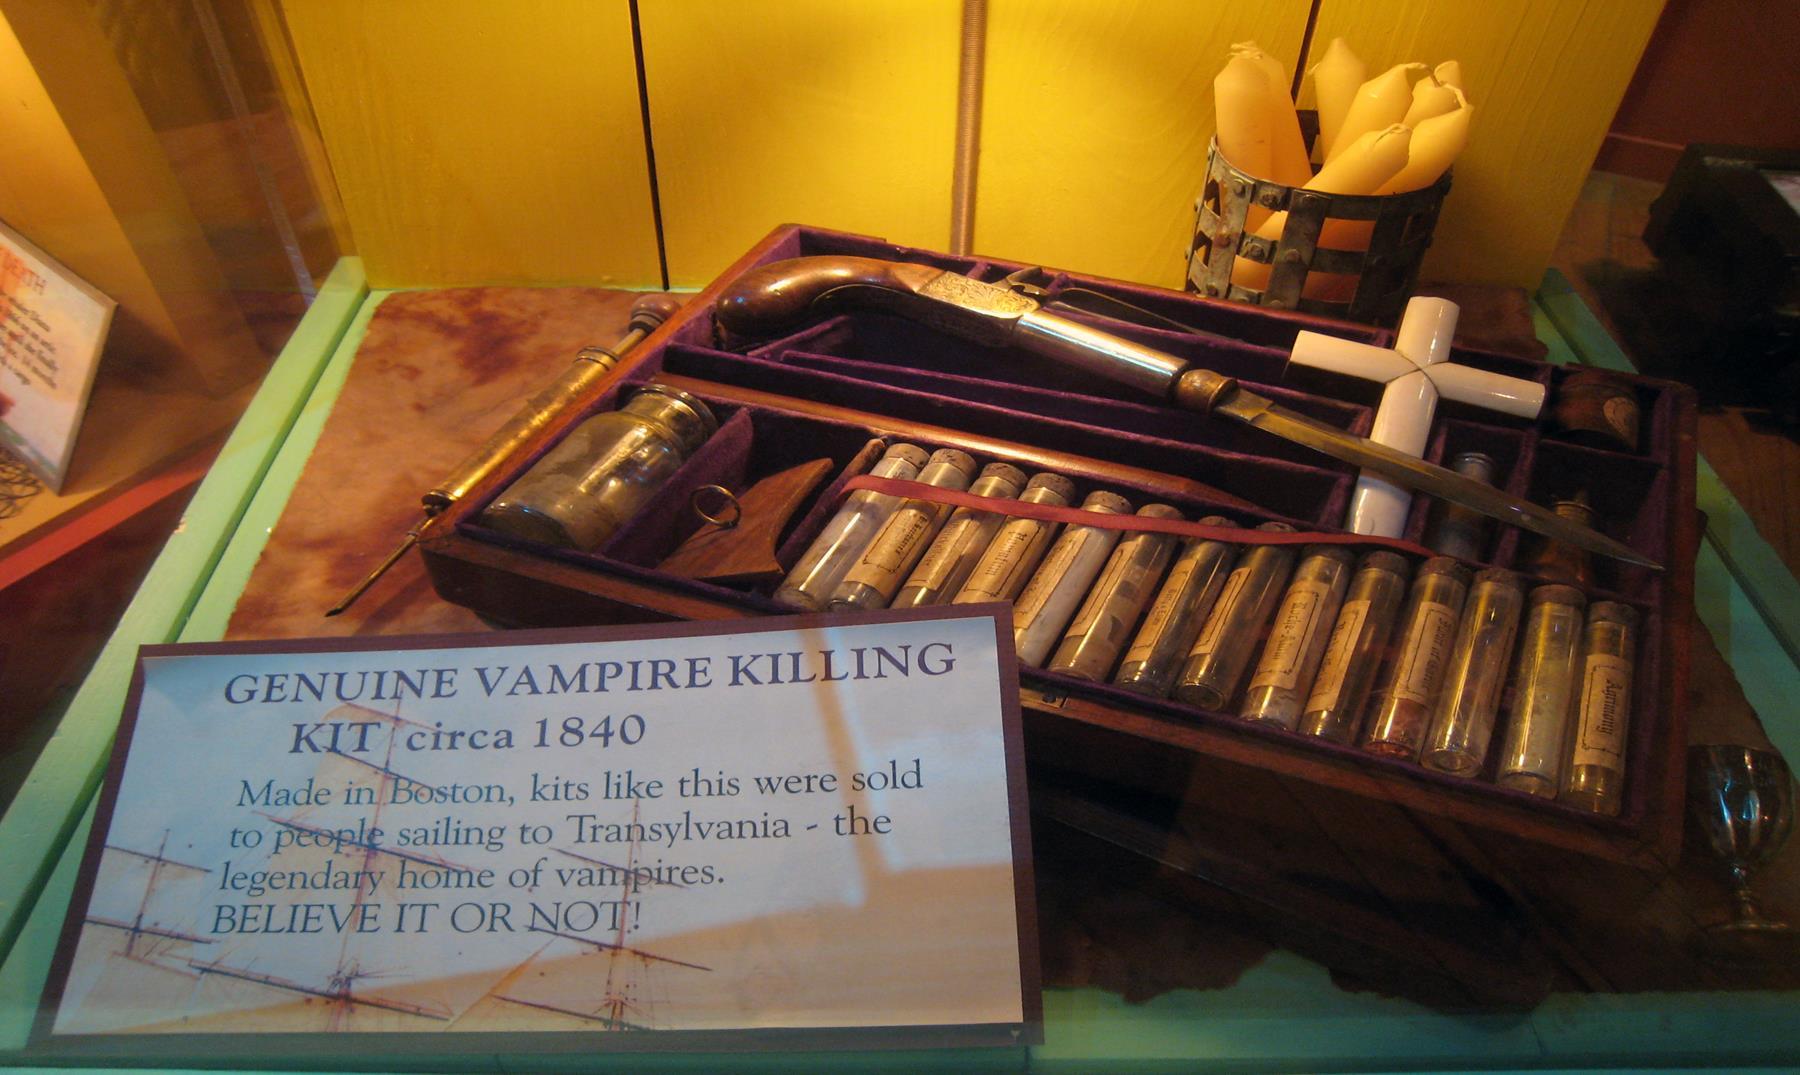 Formas de matar un vampiro según las leyendas clásicas